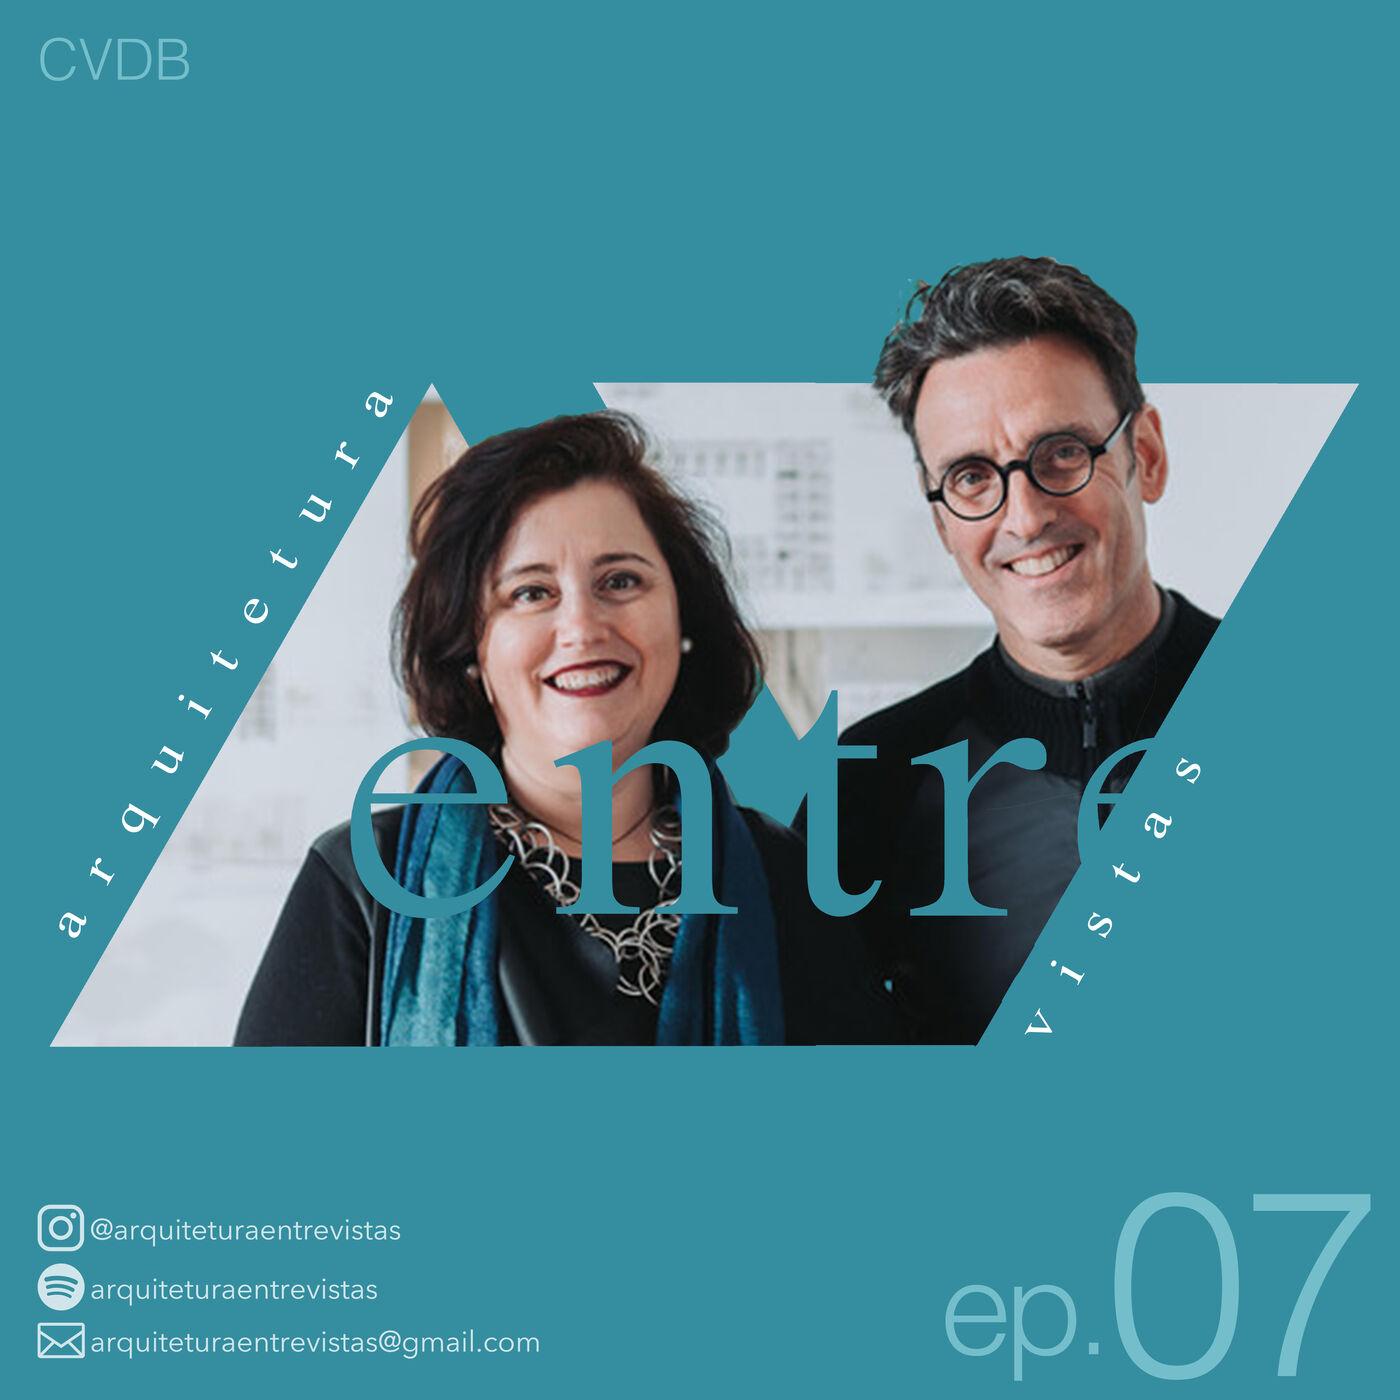 EP.7 CVDB, Arquitetura Entre Vistas